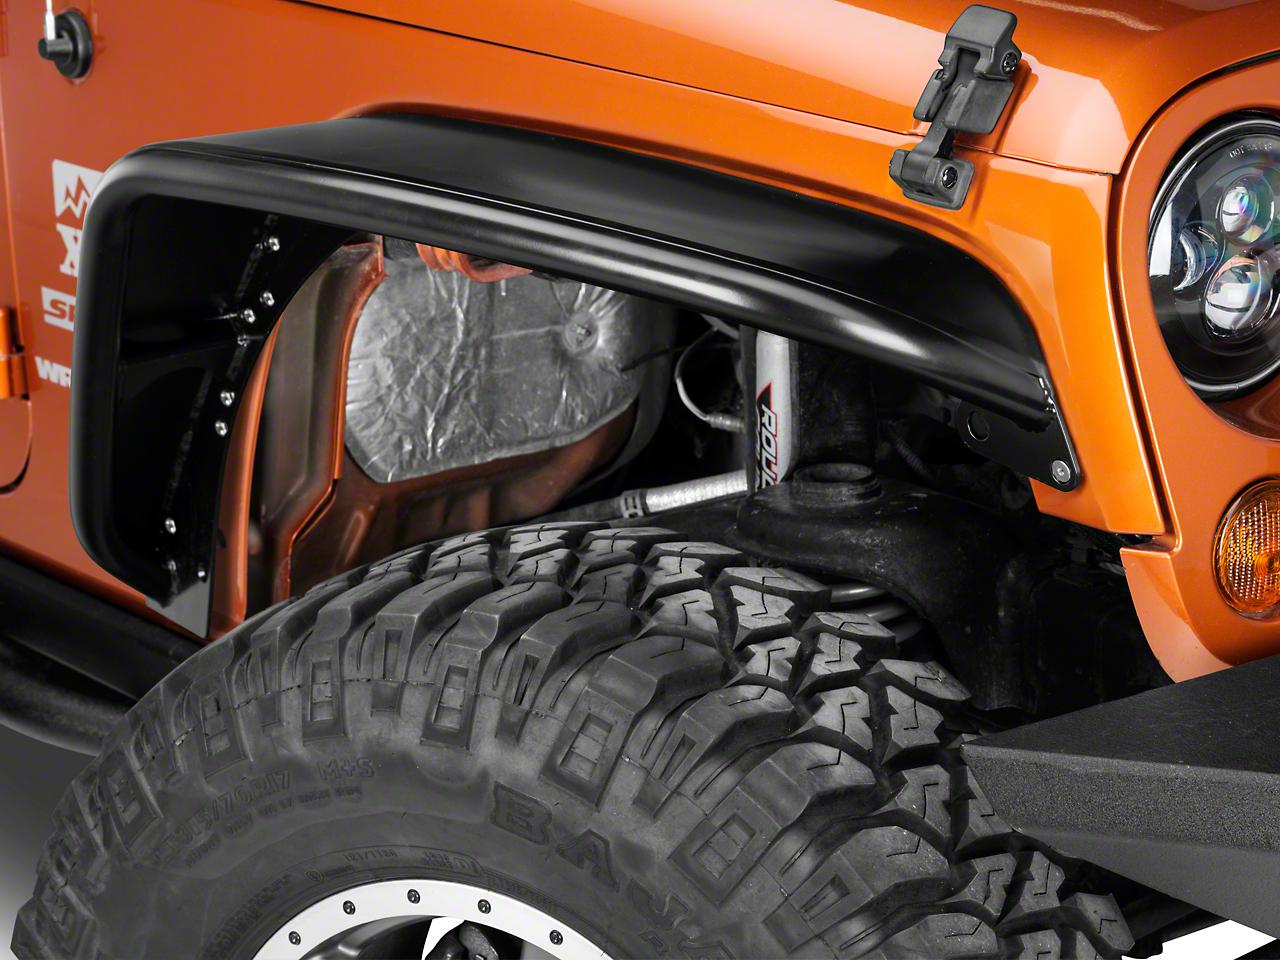 Poison Spyder Standard Width Crusher Fender Flares - SpyderShell Armor Coat (07-18 Jeep Wrangler JK)